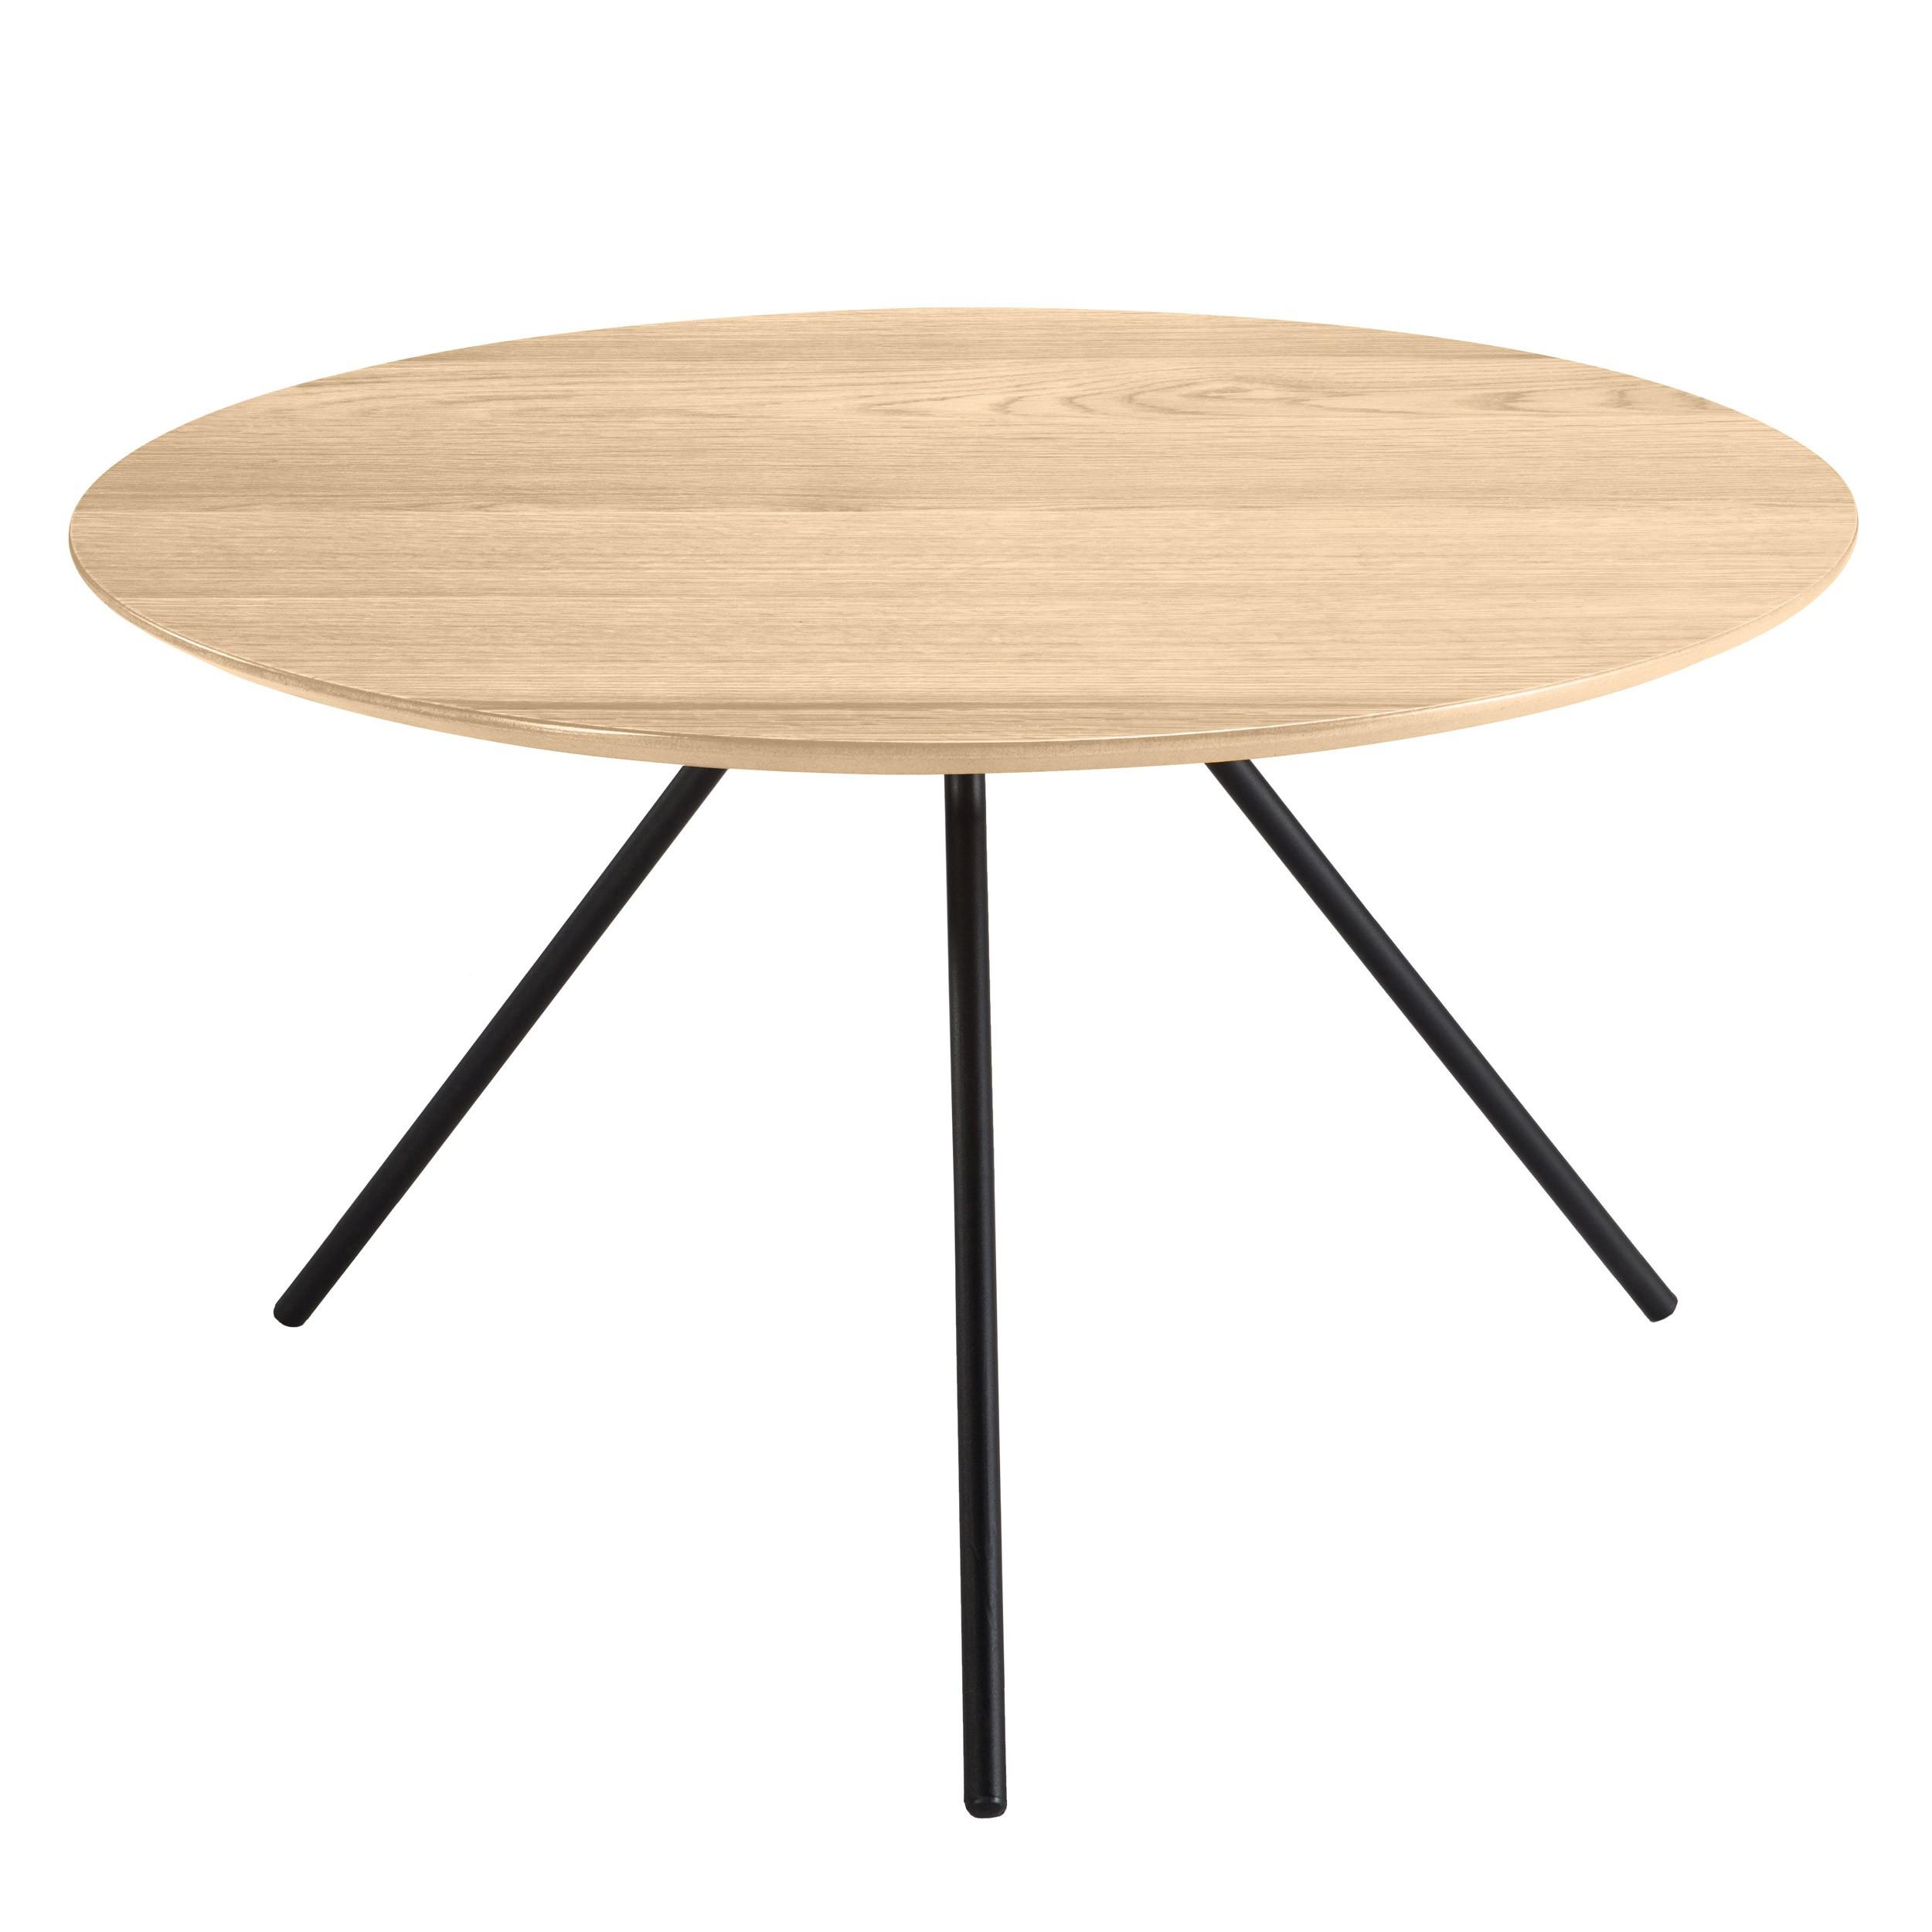 Table Basse Ronde Major En Bois Decouvrez Les Tables Basses Rondes Major En Bois Design Rdv Deco